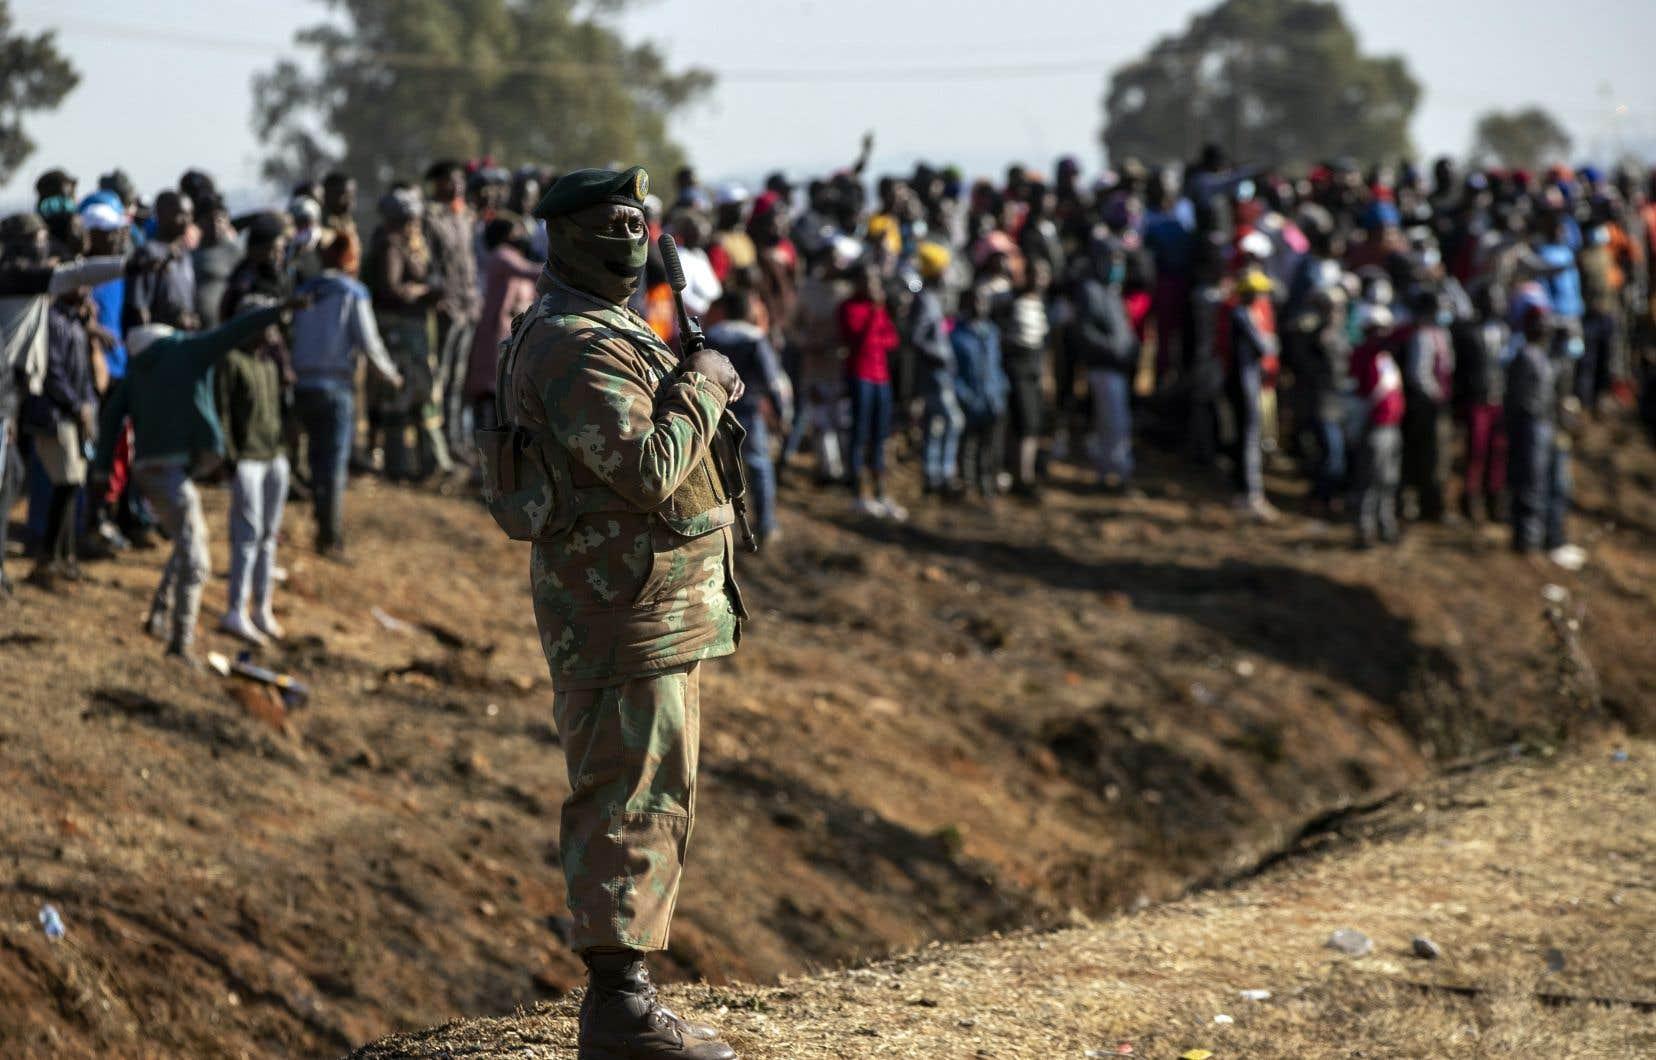 Les patrouilles armées semblent avoir réussi à rétablir l'ordre dans le Gauteng, la province la plus peuplée d'Afrique du Sud, où se trouve notamment Johannesbourg.